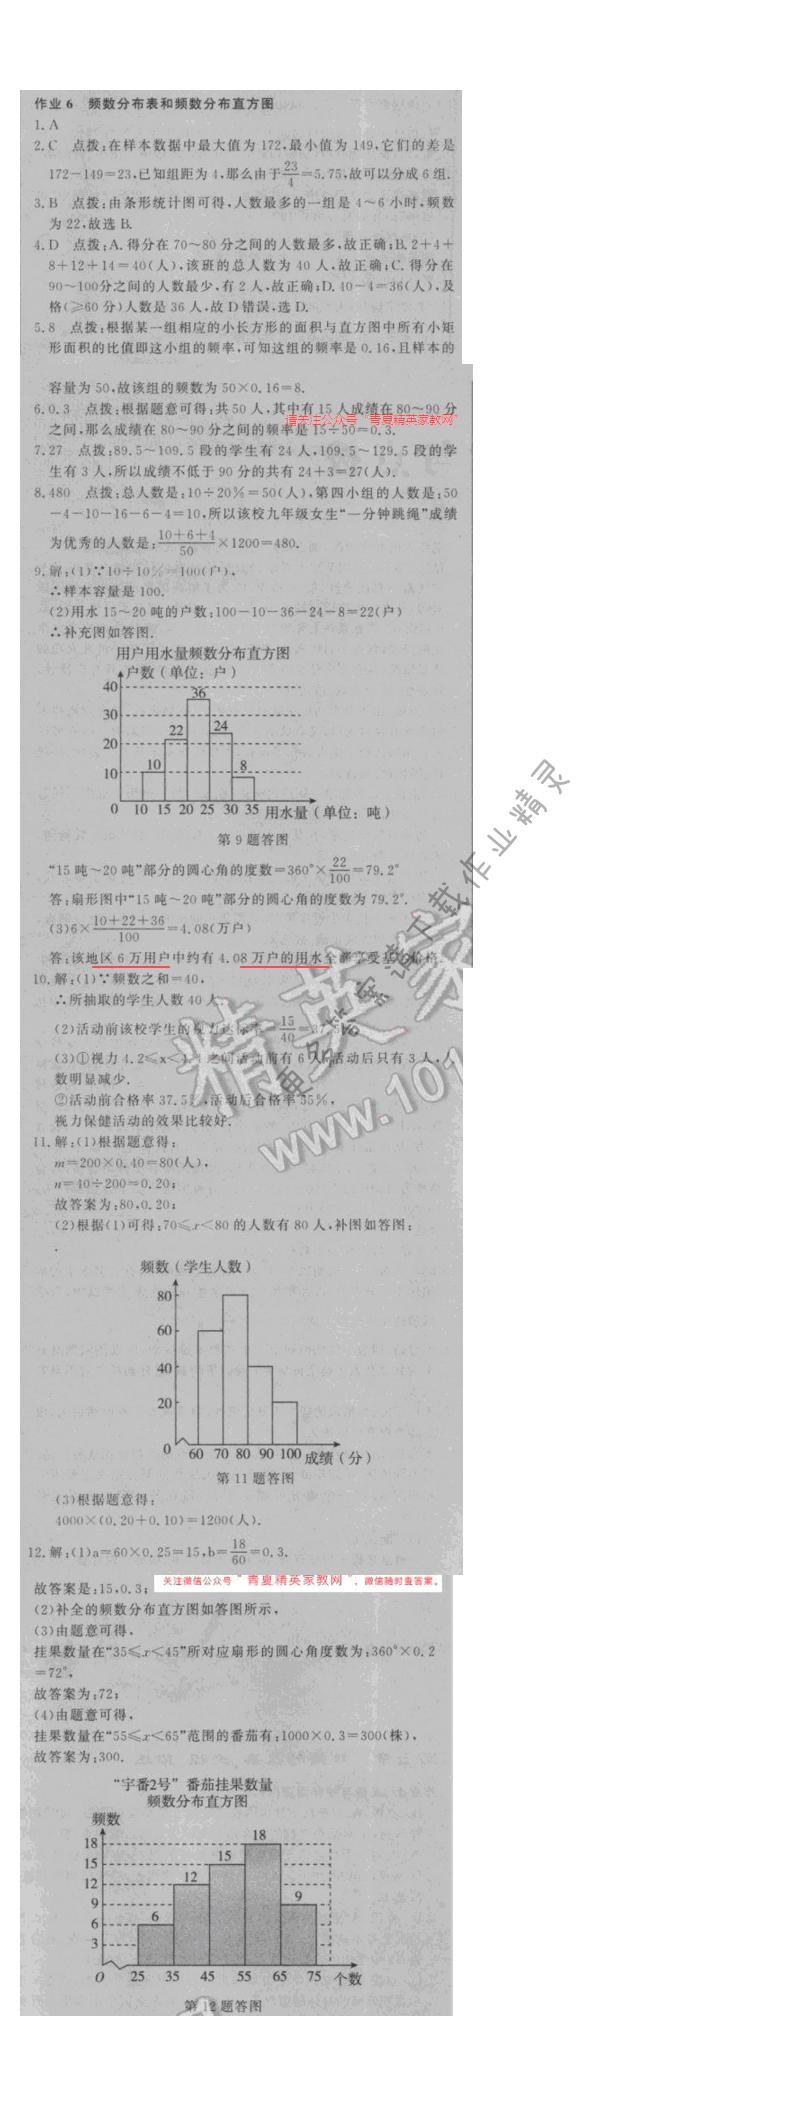 2016年启东中学作业本八年级数学下册江苏版 第七章 作业6